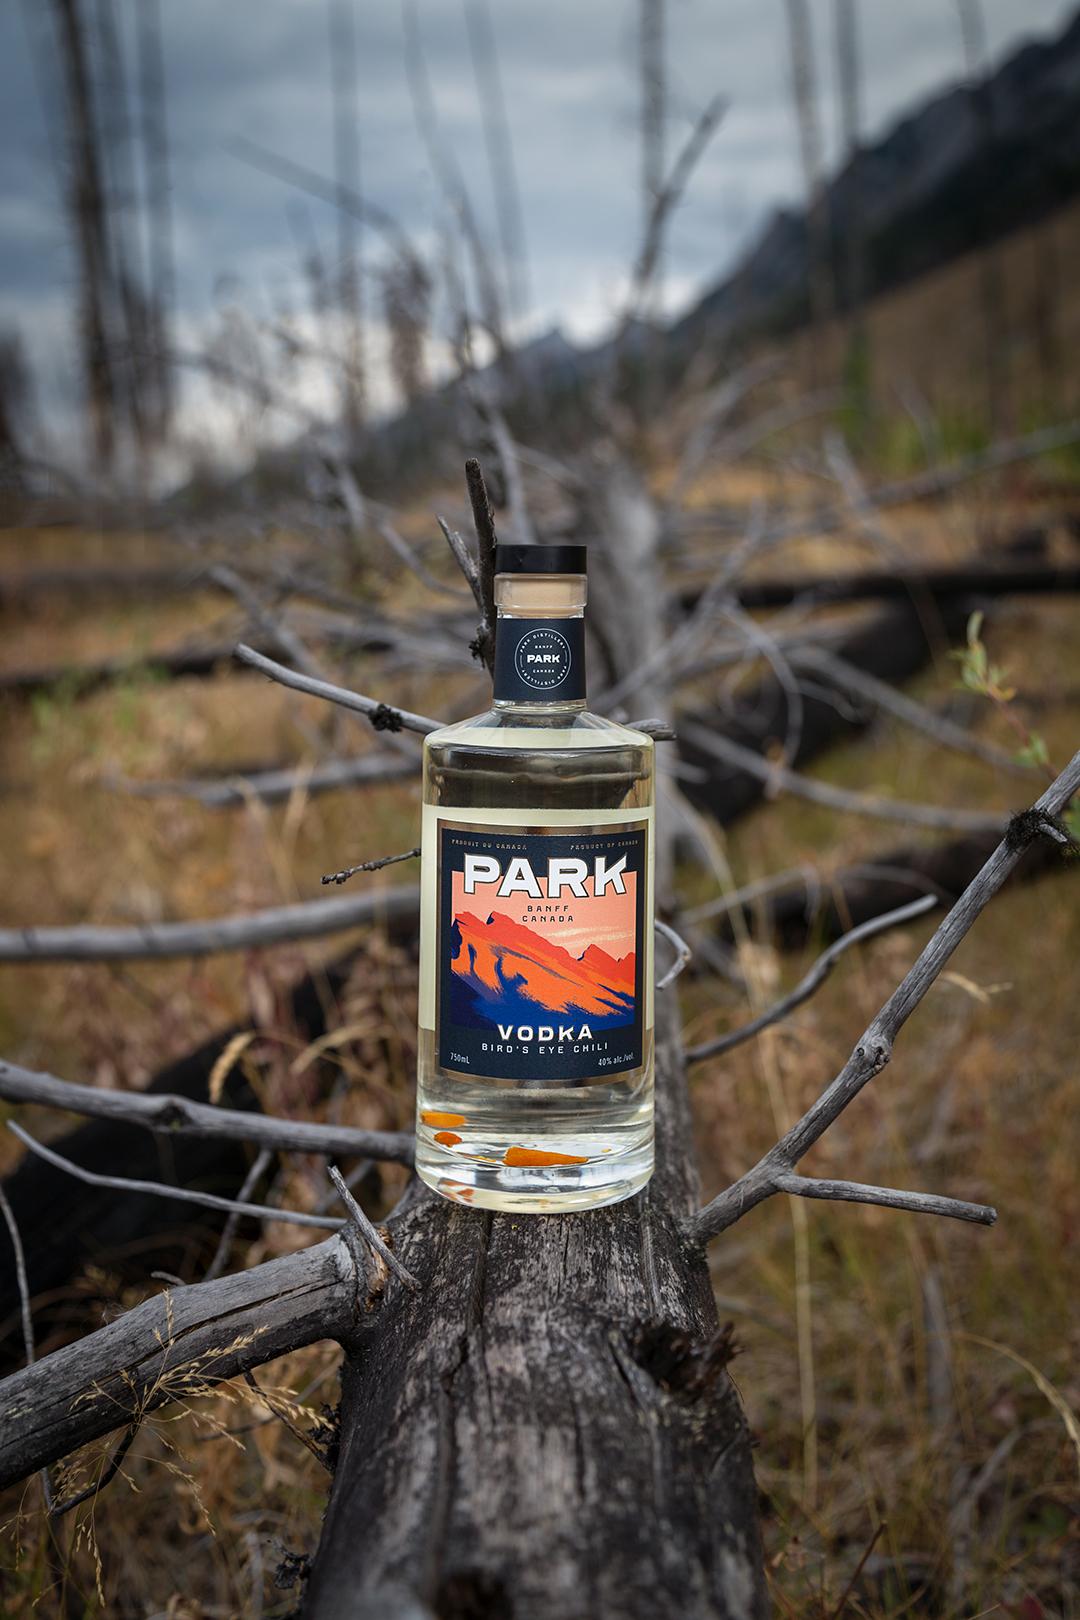 Chili Vodka Sawback Burn | Photo Credit: Lindsay Smith